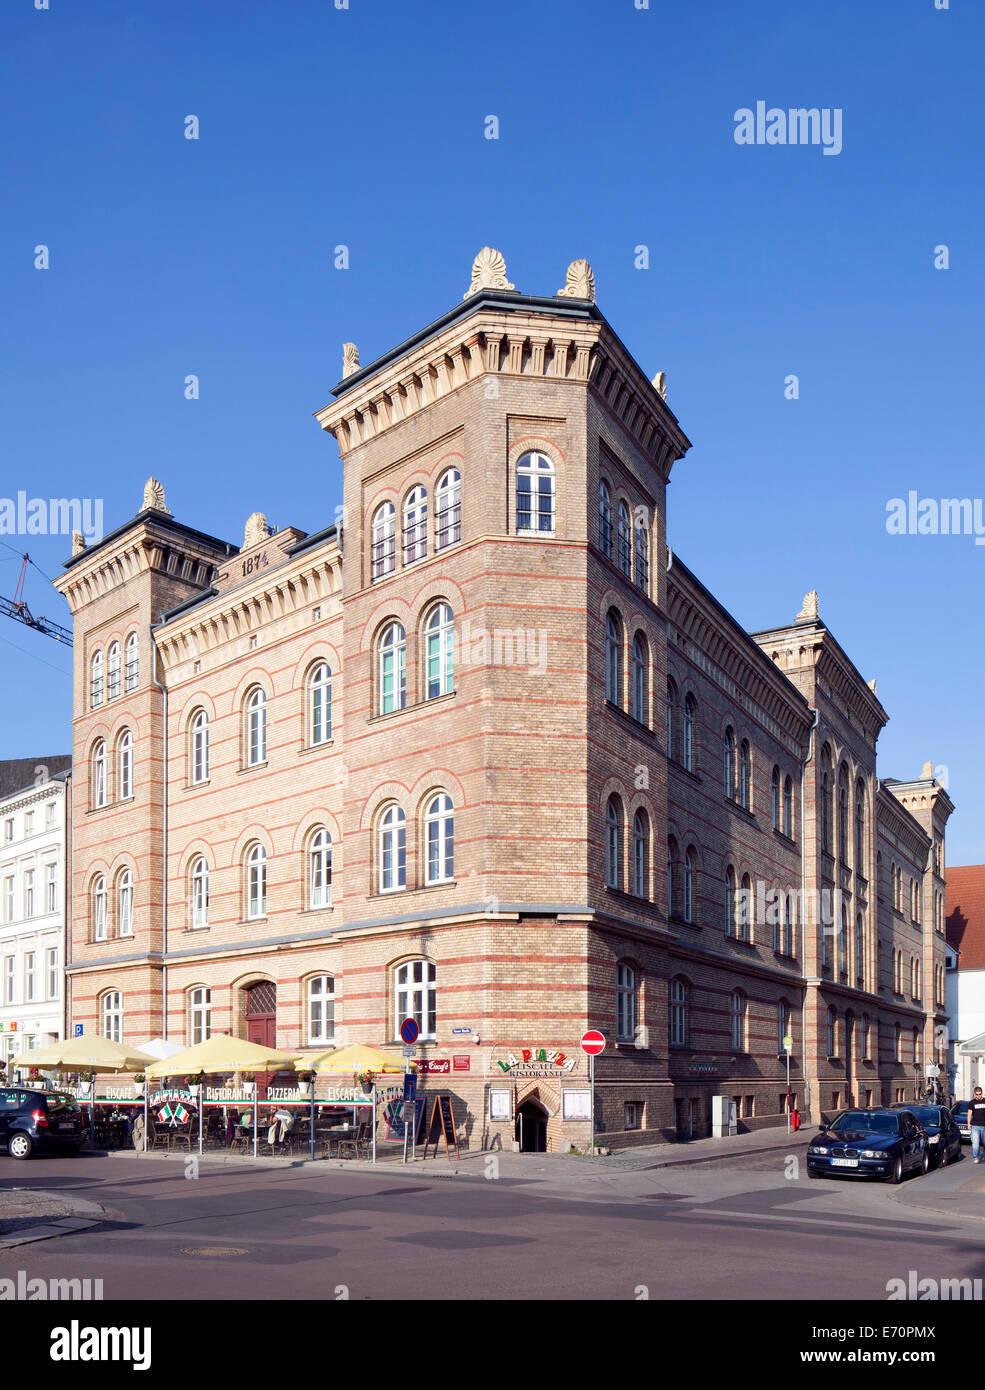 Altes Garnisonslazarett Krankenhaus, Stralsund, Mecklenburg-Western Pomerania, Deutschland Stockbild